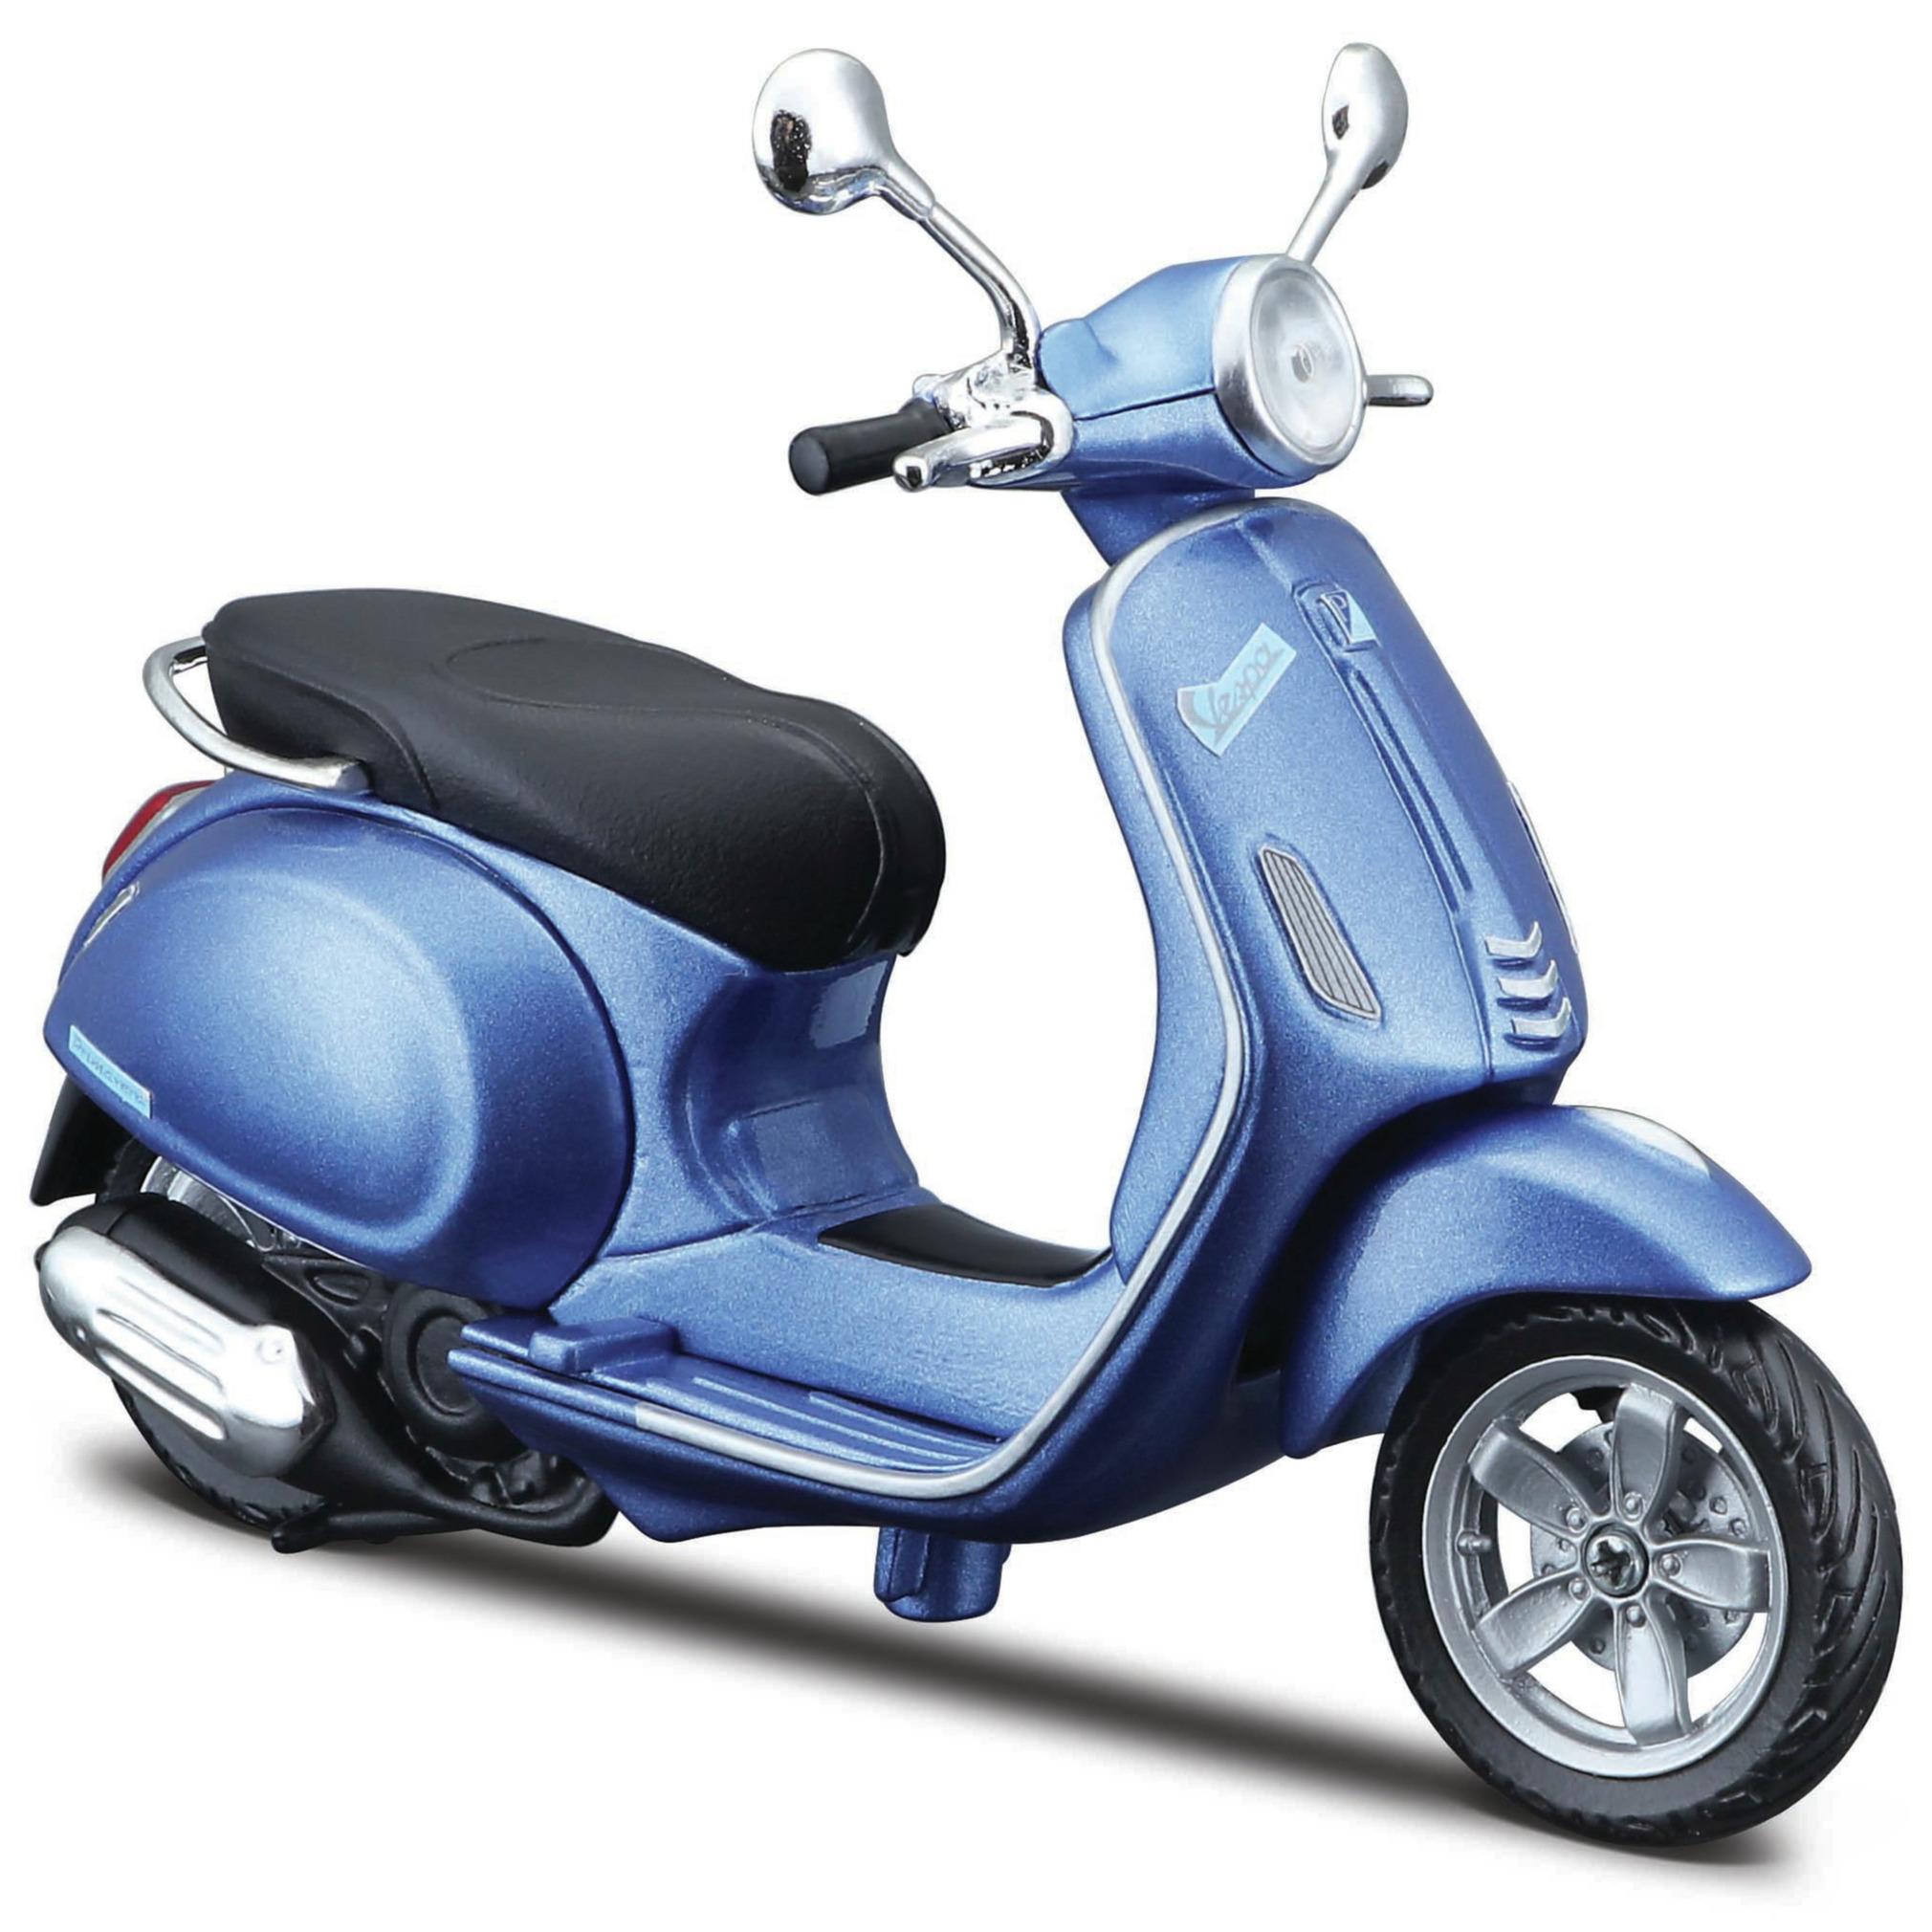 Model scooter Vespa Primavera 150 blauw schaal 1:12/15 x 11 x 6 cm